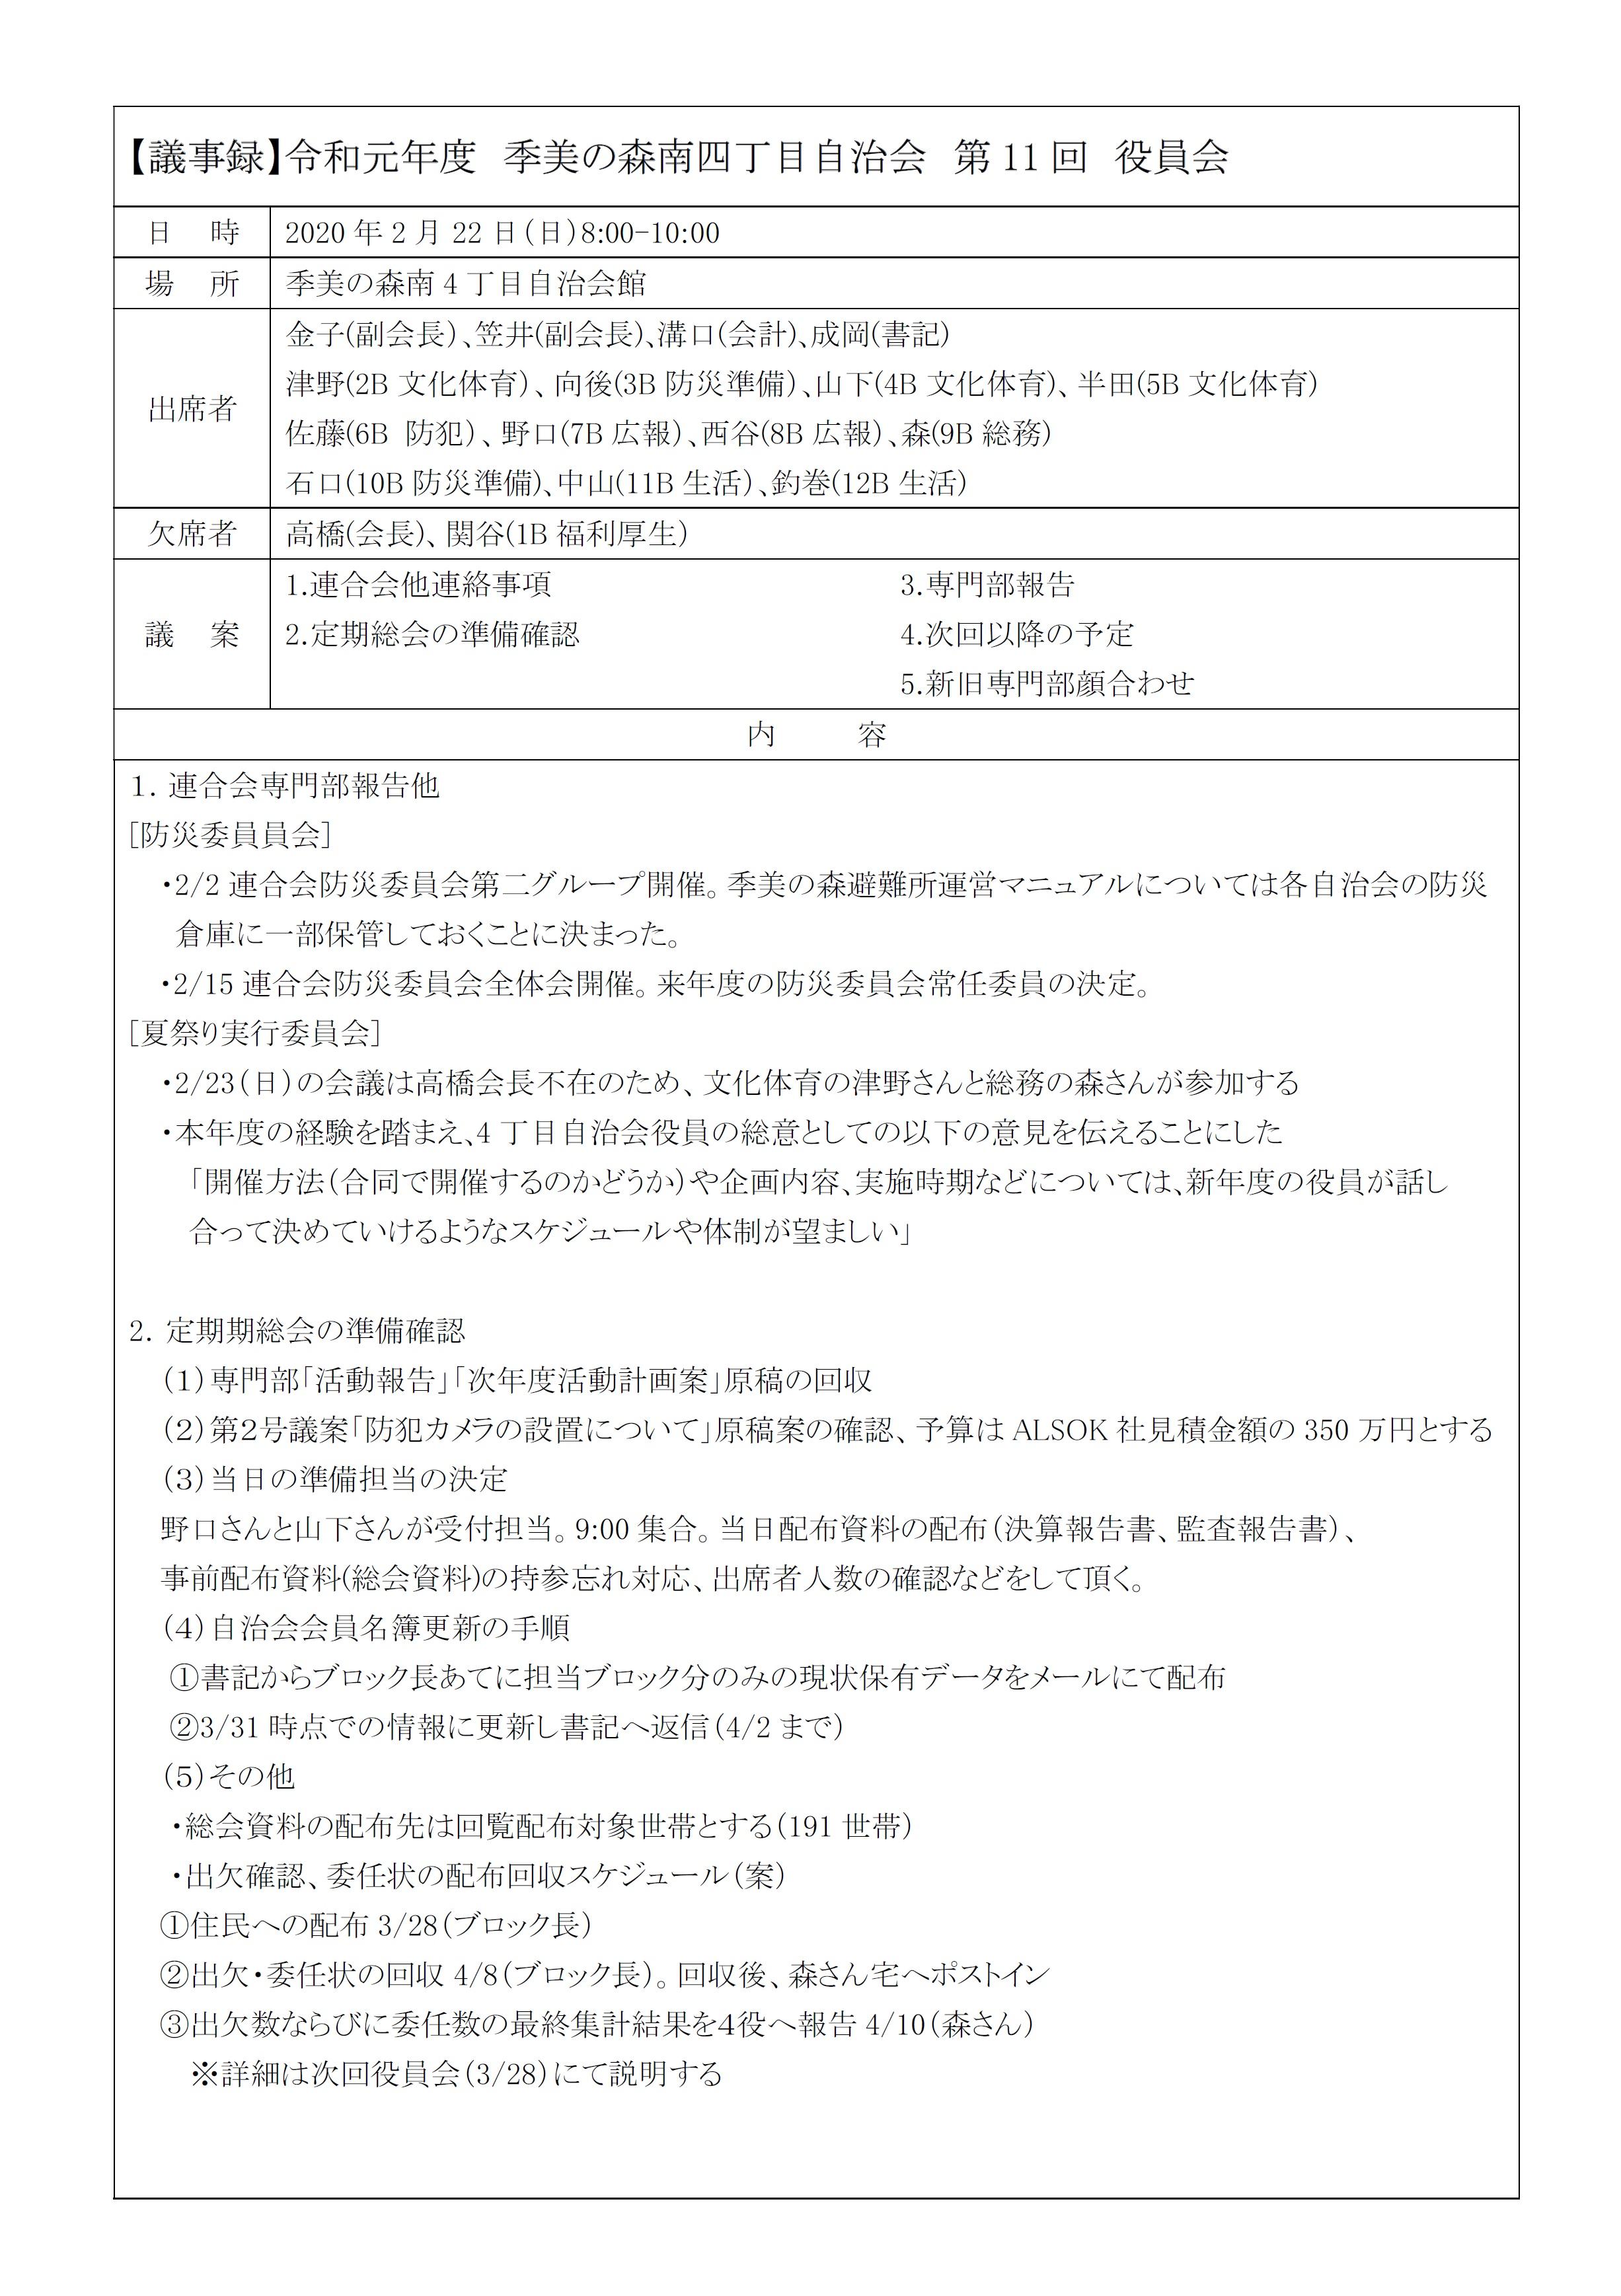 2019第11回役員会議事録P1